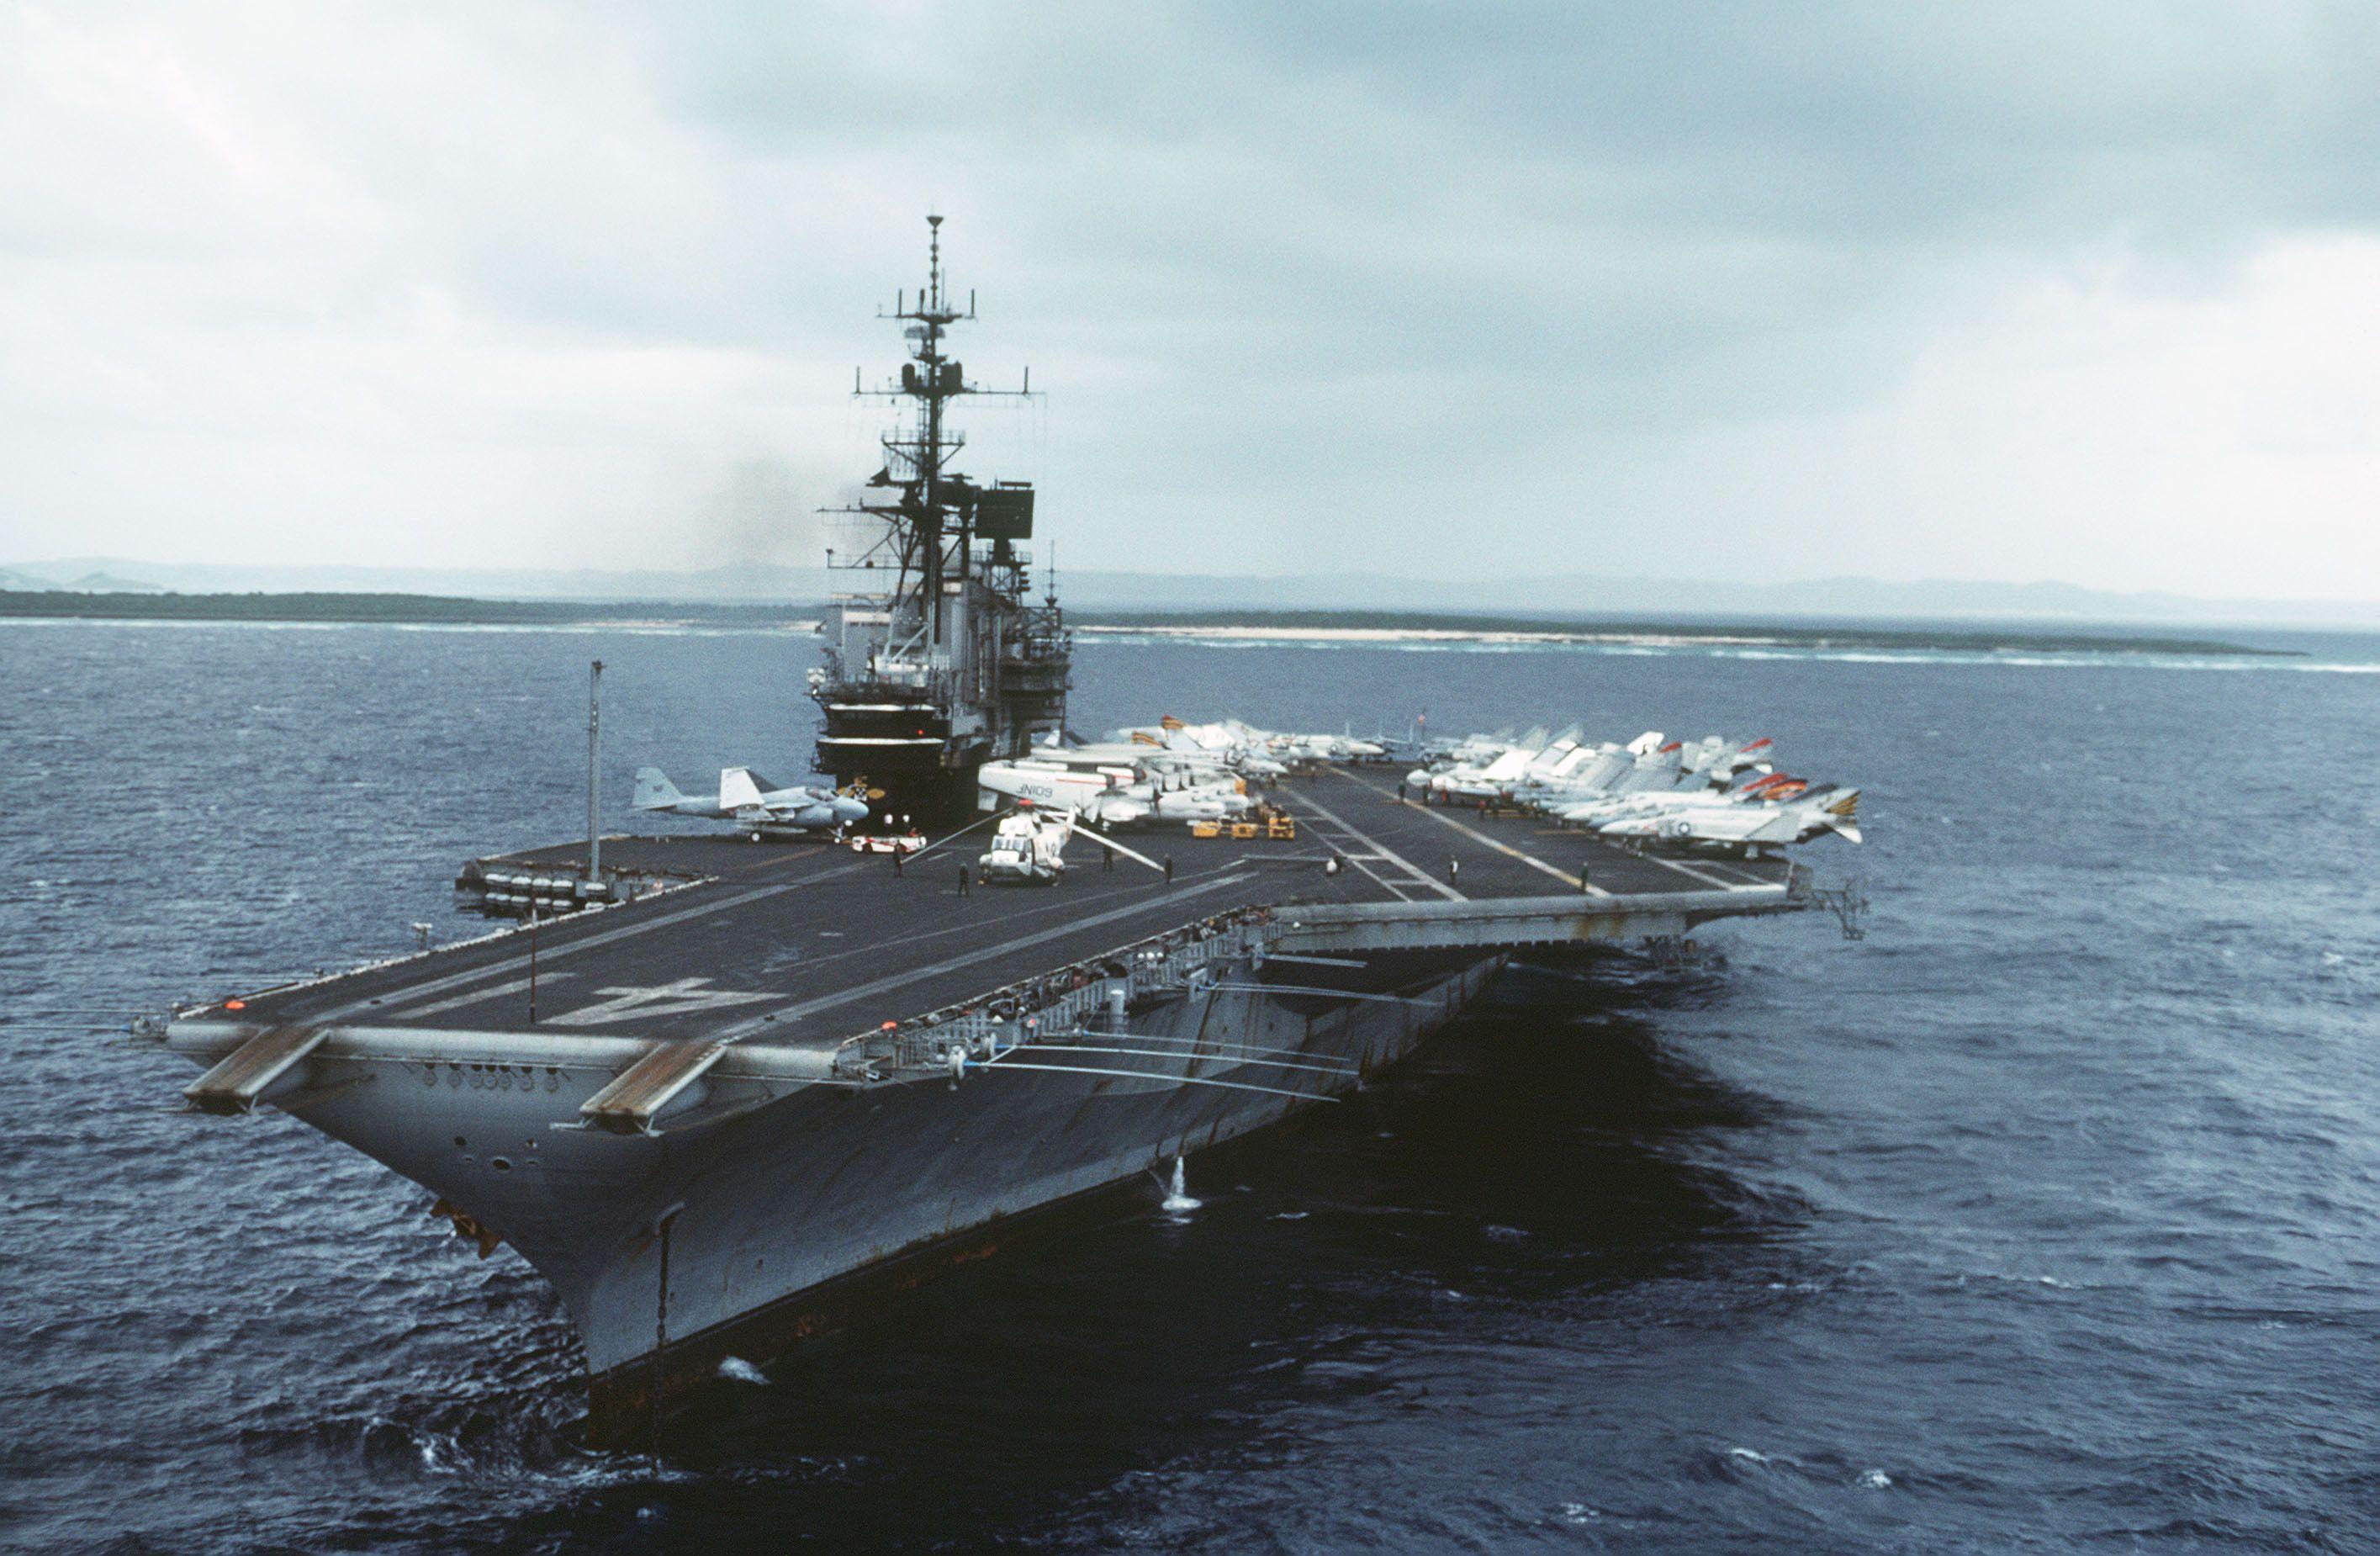 lacoste shoes vietnam made warship namesake